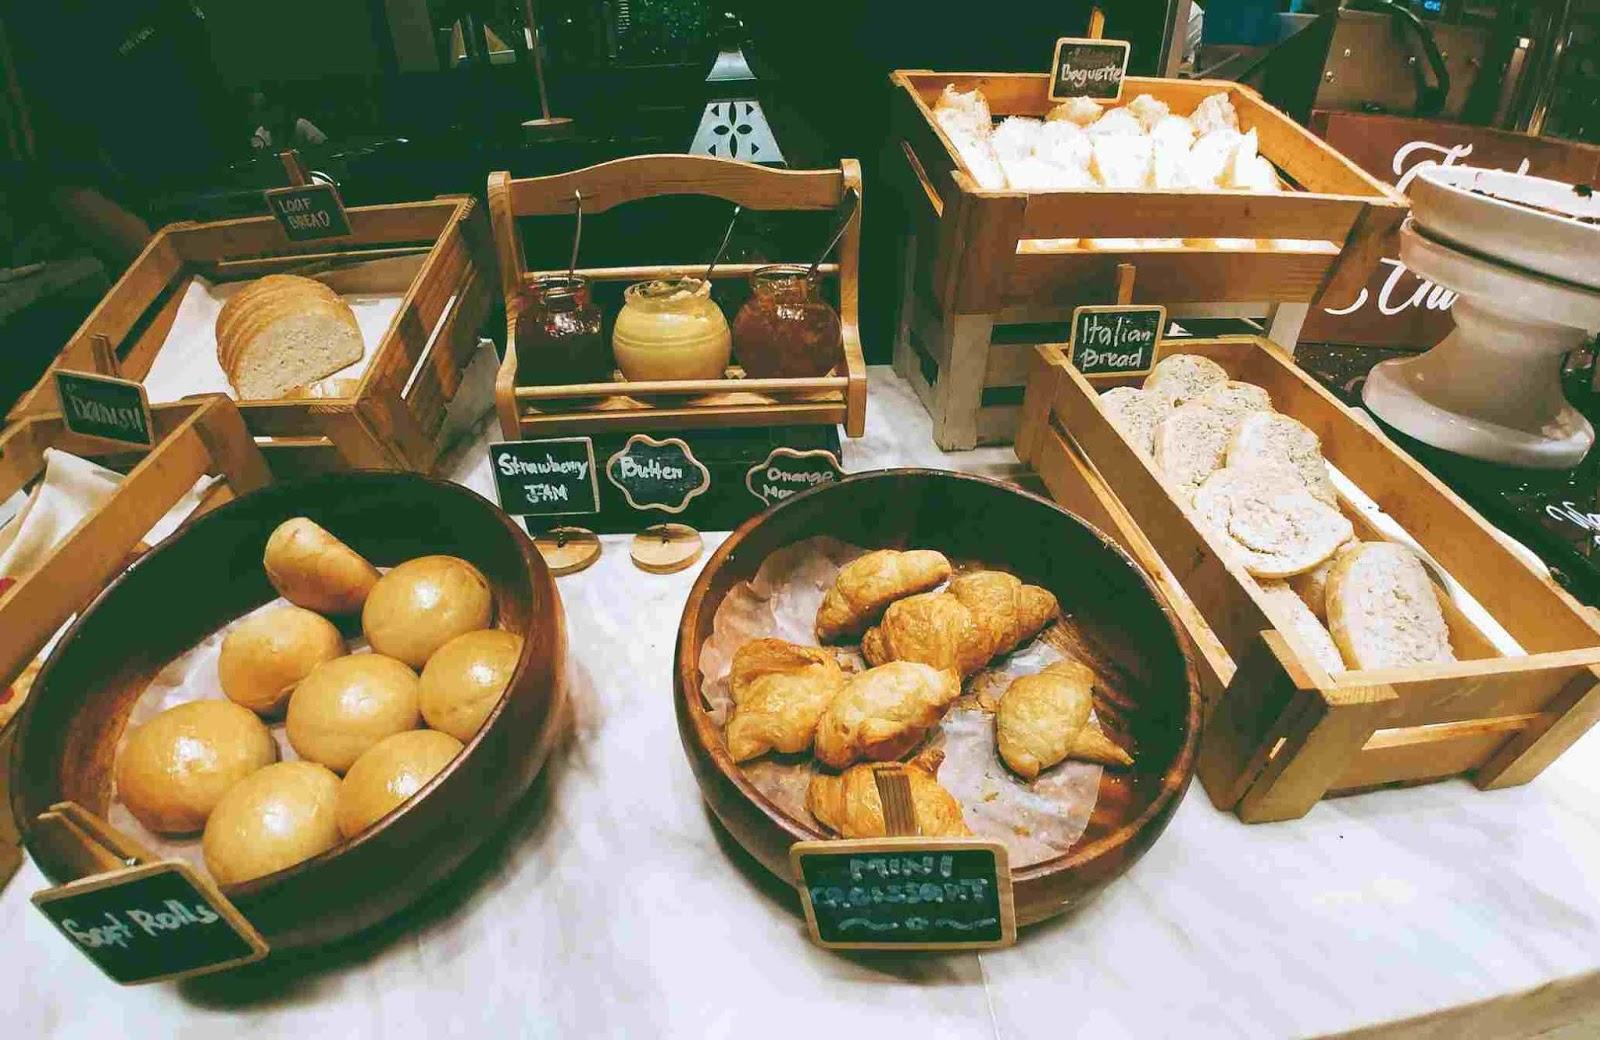 Vikings Luxury Buffet: bread station